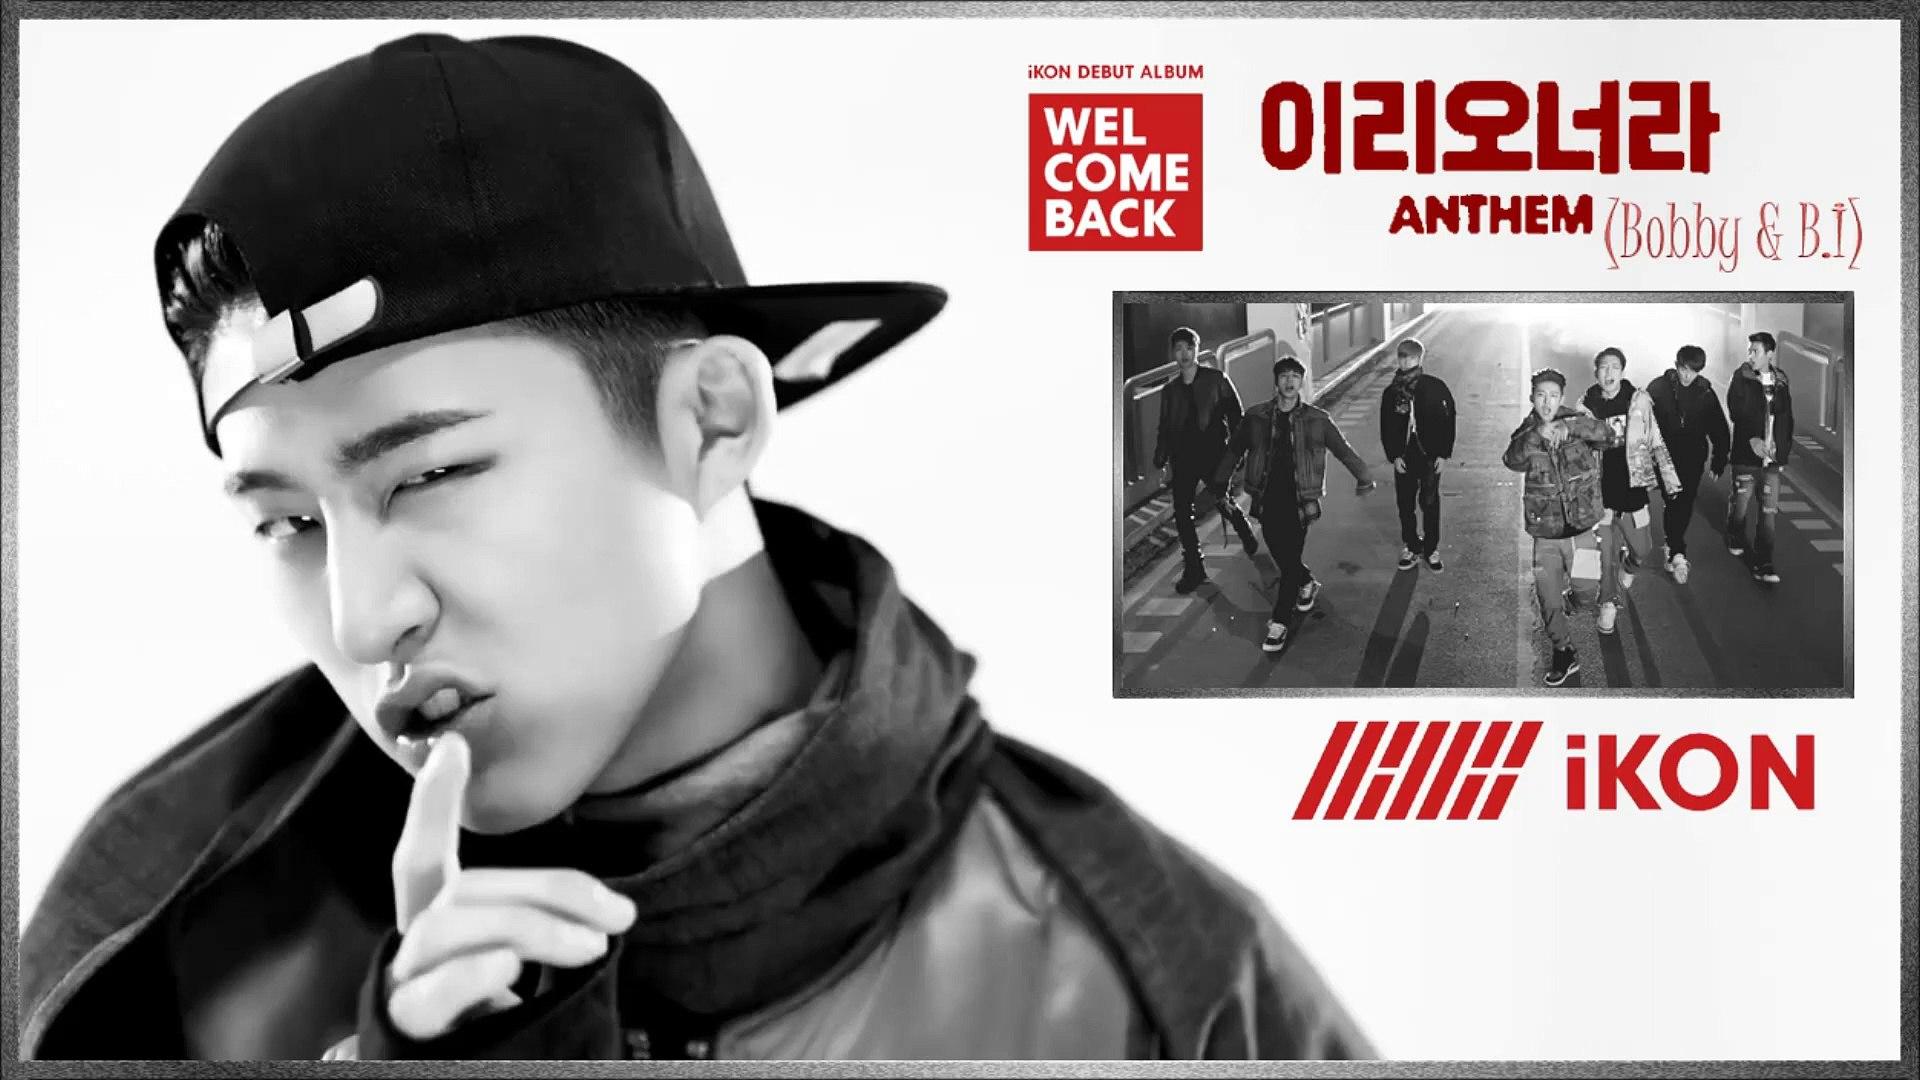 iKON (Bobby & B.I) - Anthem MV HD k-pop [german Sub]